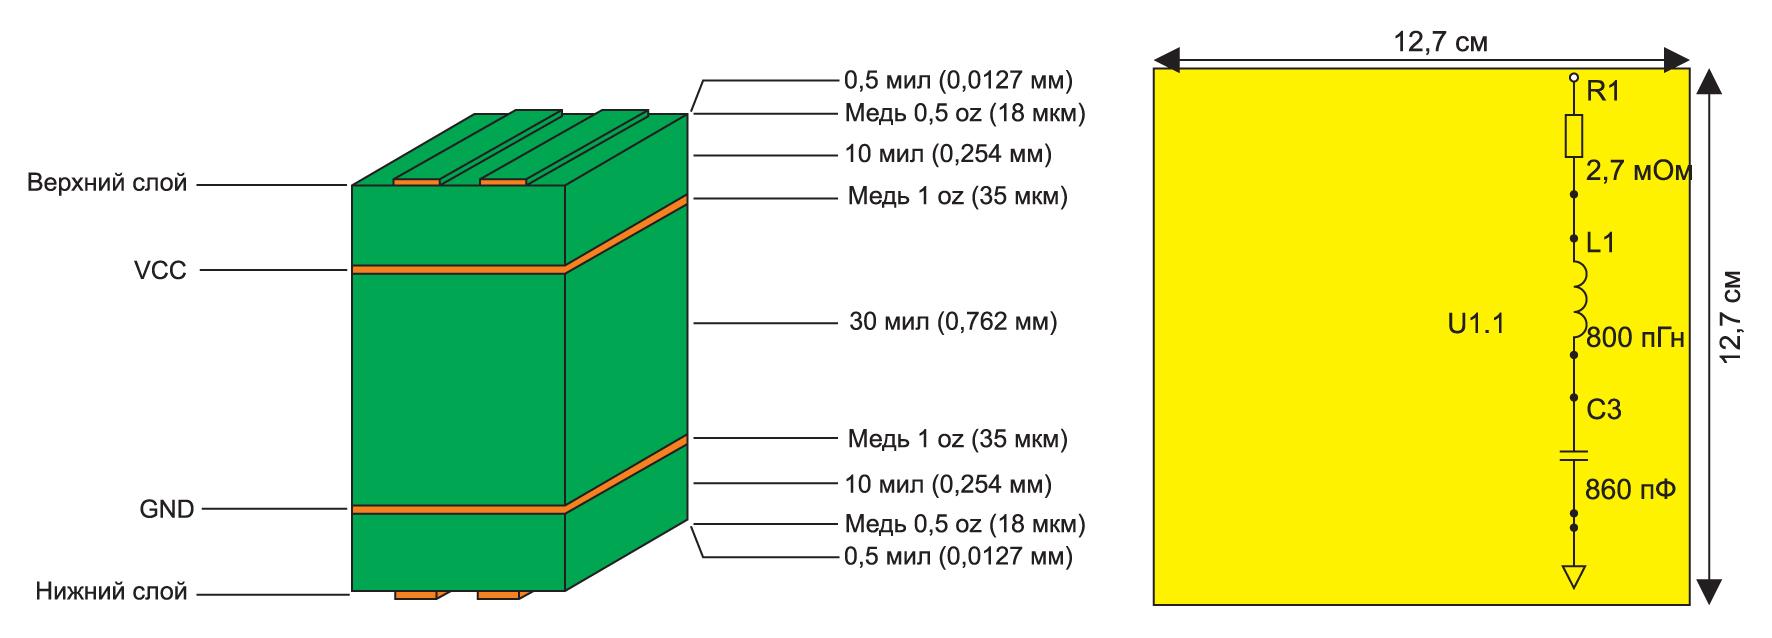 Внутренняя структура печатной платы и ее эквивалентное представление как объемного резонатора относительно точки U1.1